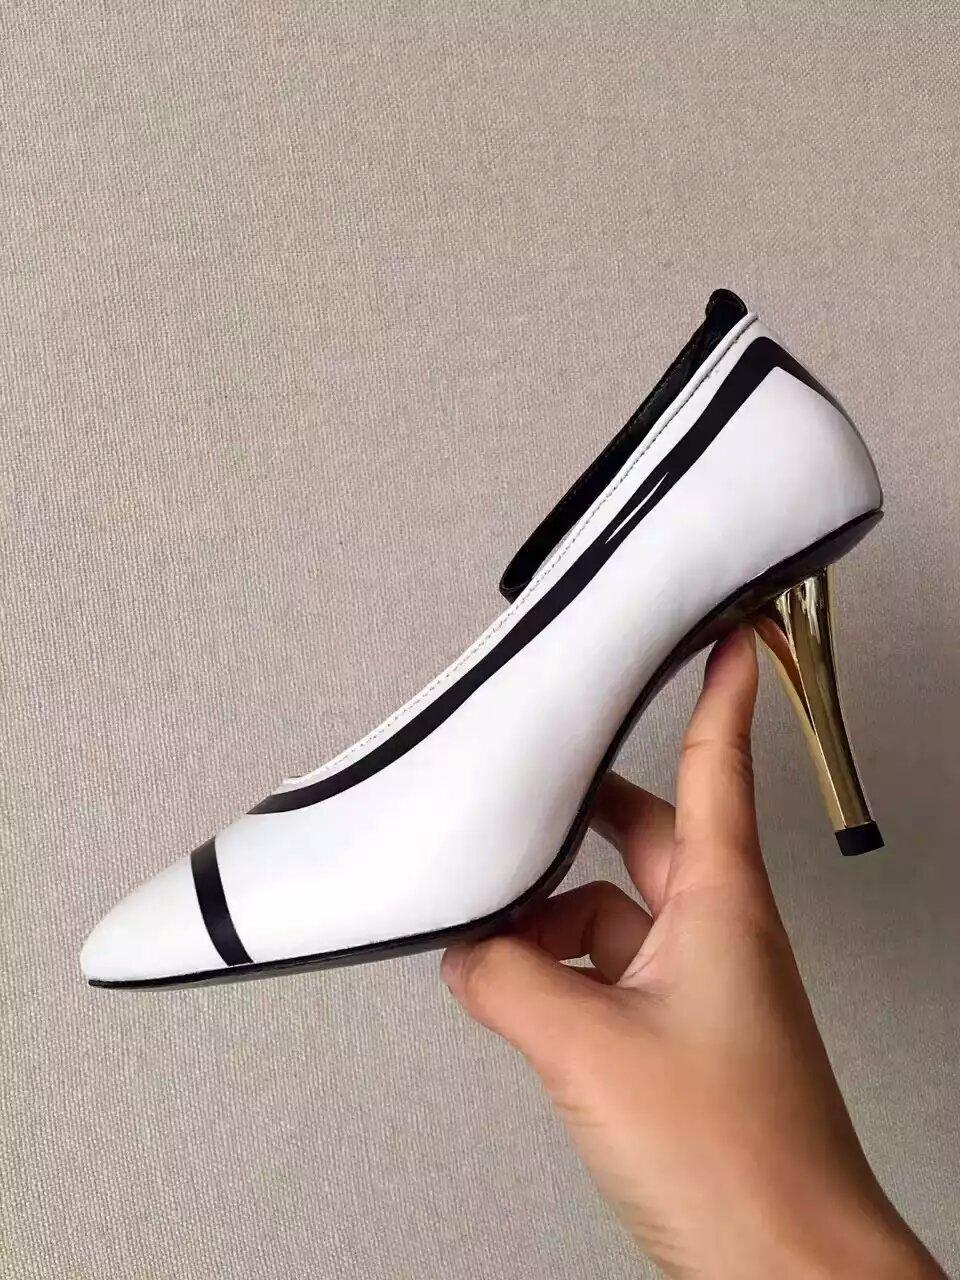 LANVIN是法国历史最悠久的高级时尚品牌单鞋